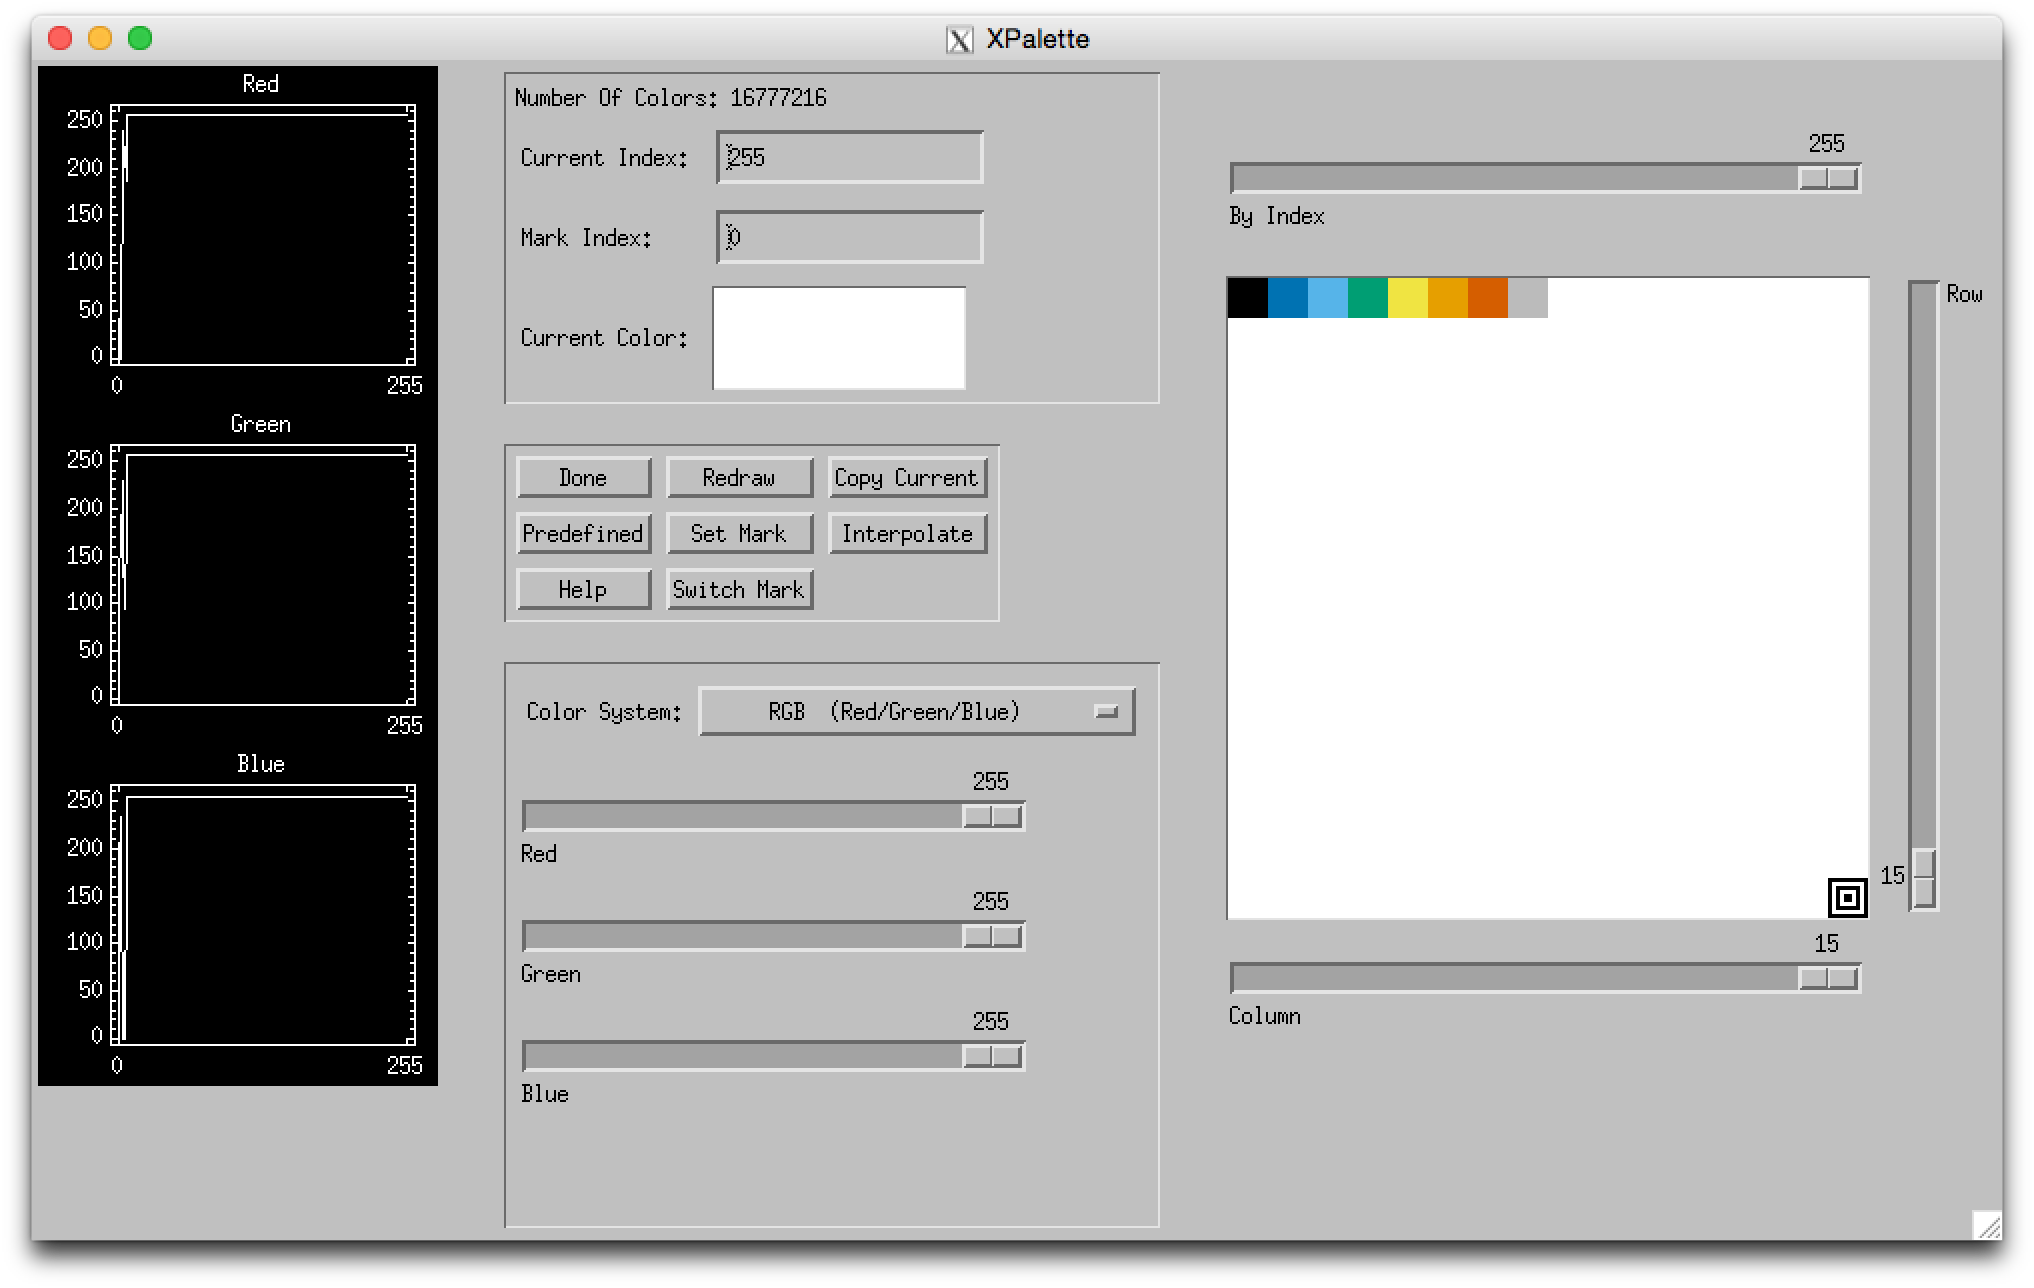 colorblind2.pro xpalette